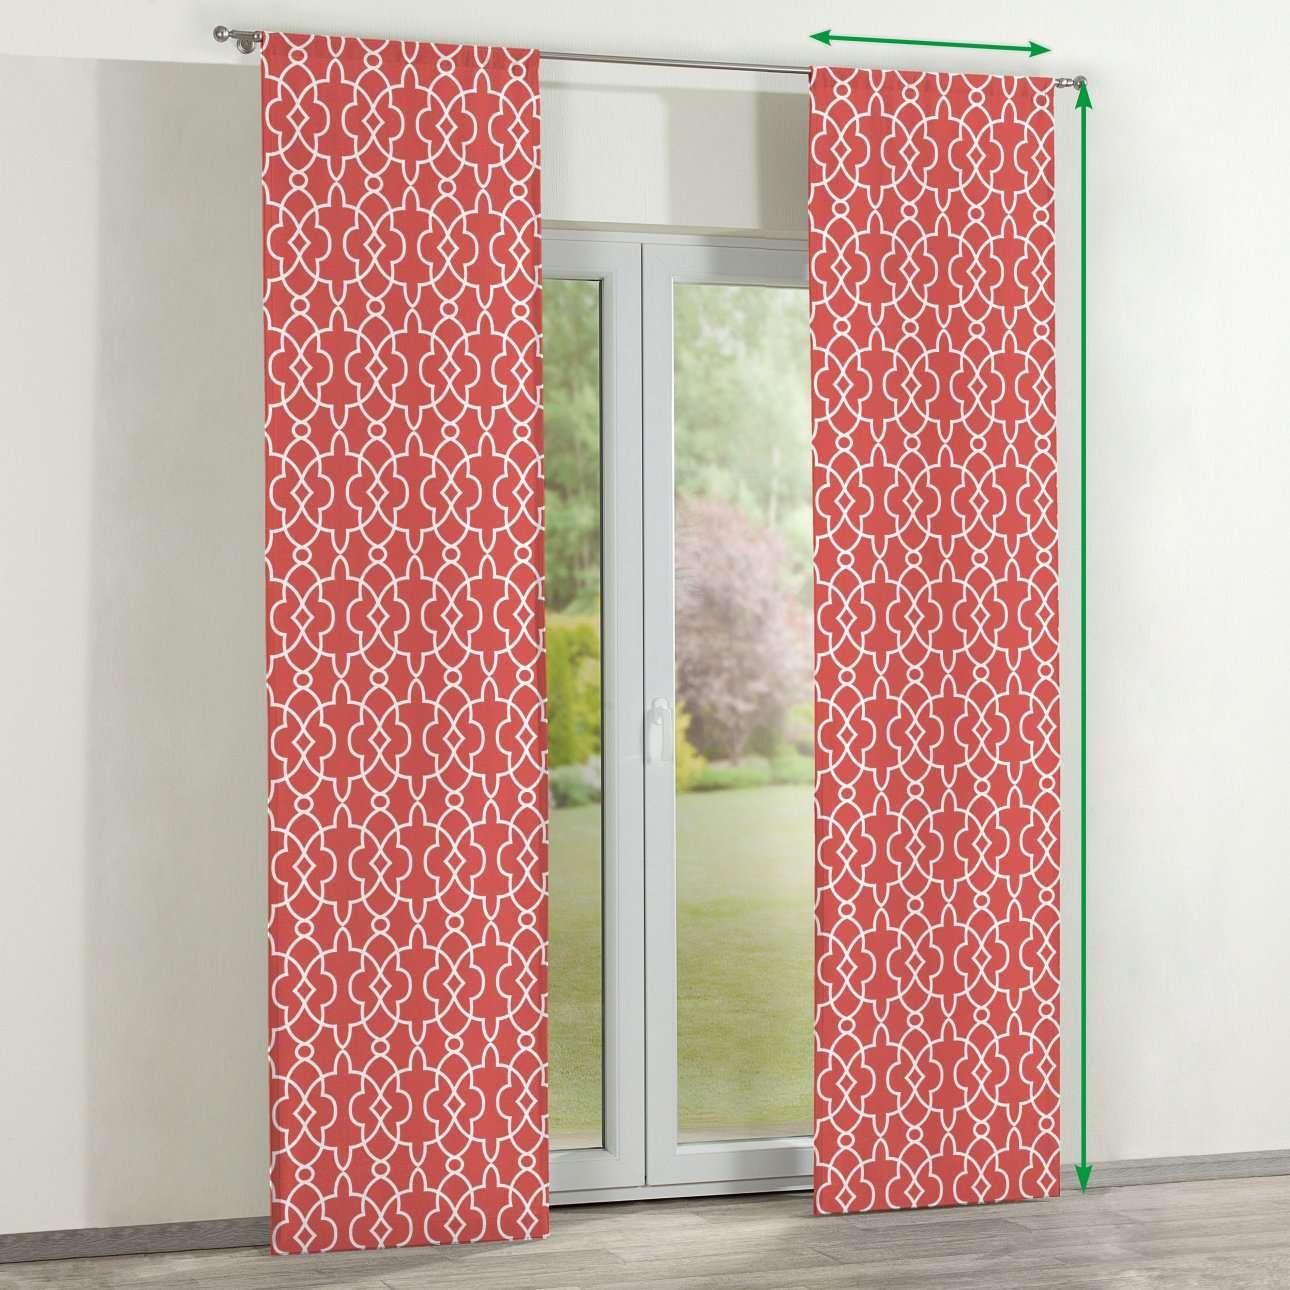 Zasłony panelowe 2 szt. w kolekcji Gardenia, tkanina: 142-21